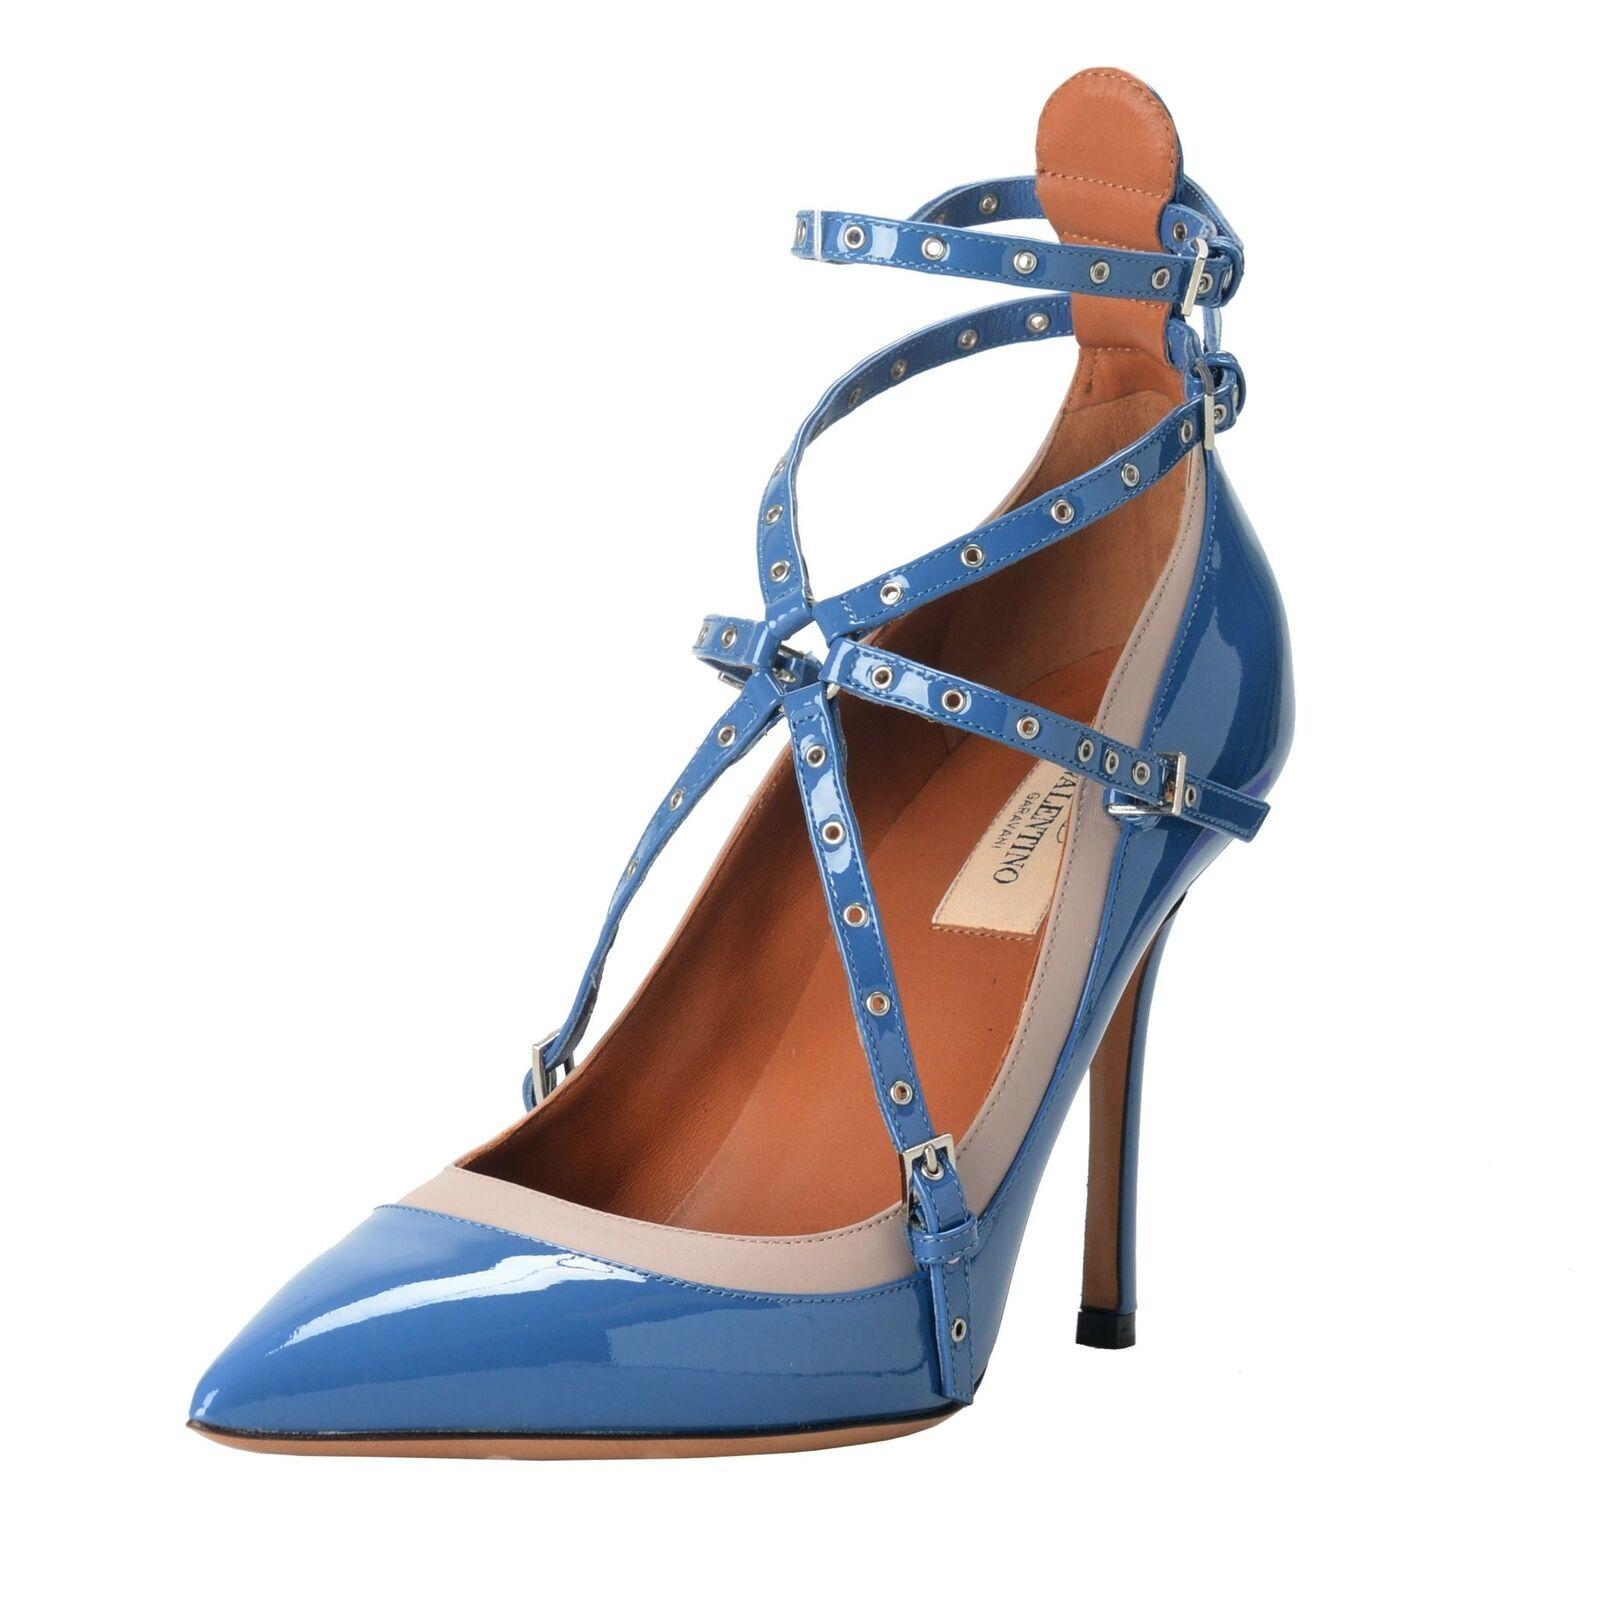 Valentino Garavani Damen Leder Blau Knöchelriemen Pumps Schuhe Größe 7 9 9.5